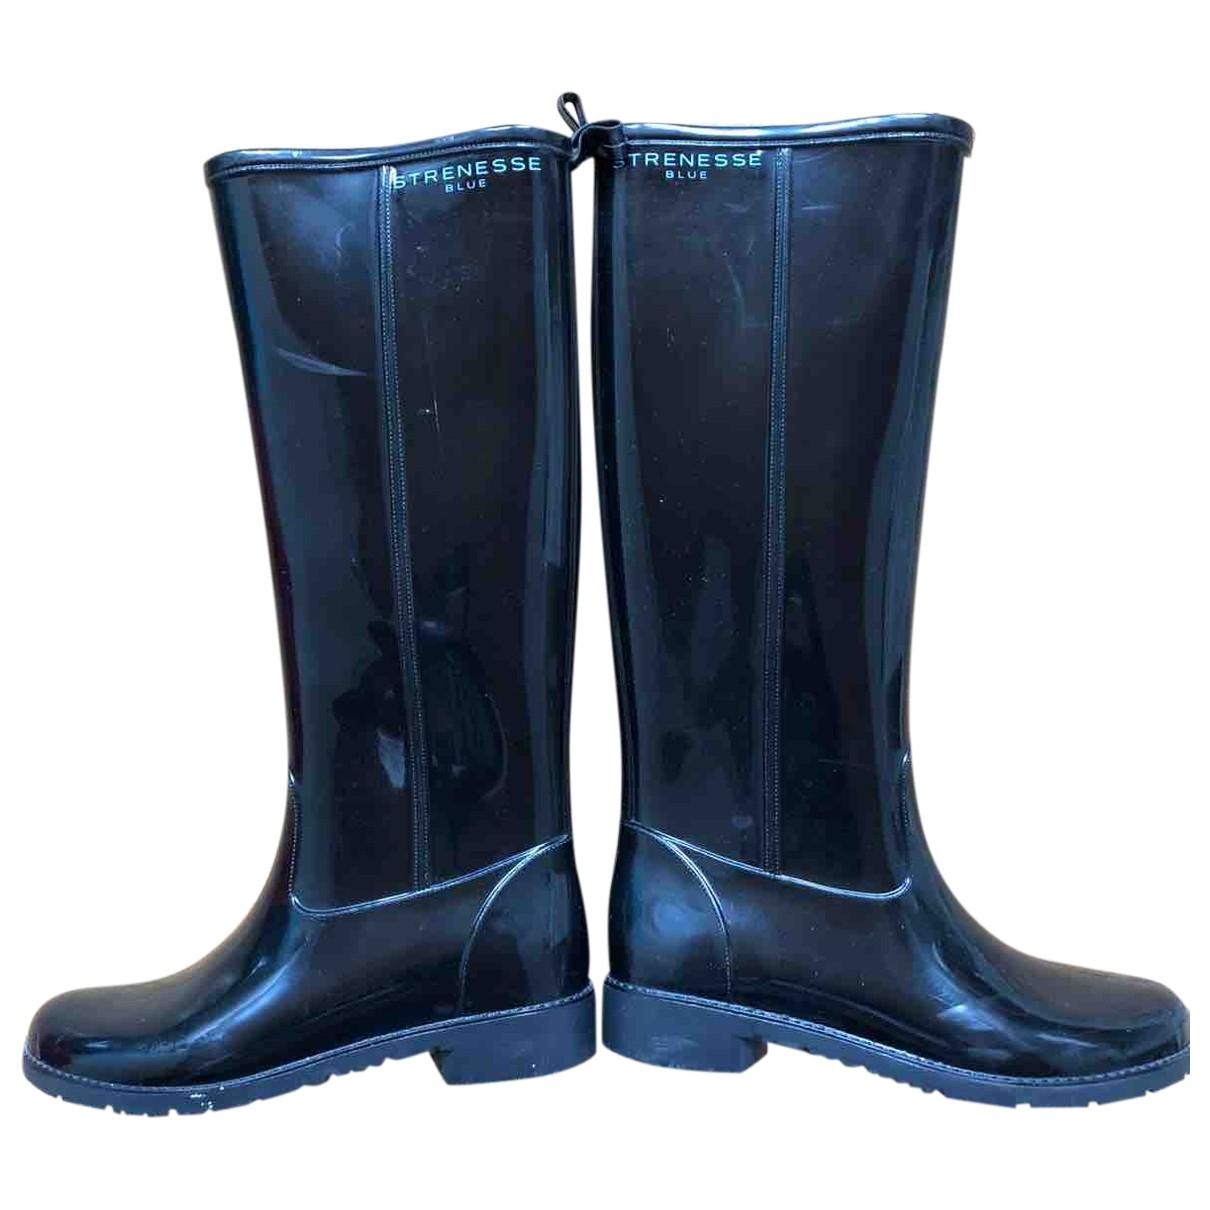 Botas de agua Strenesse